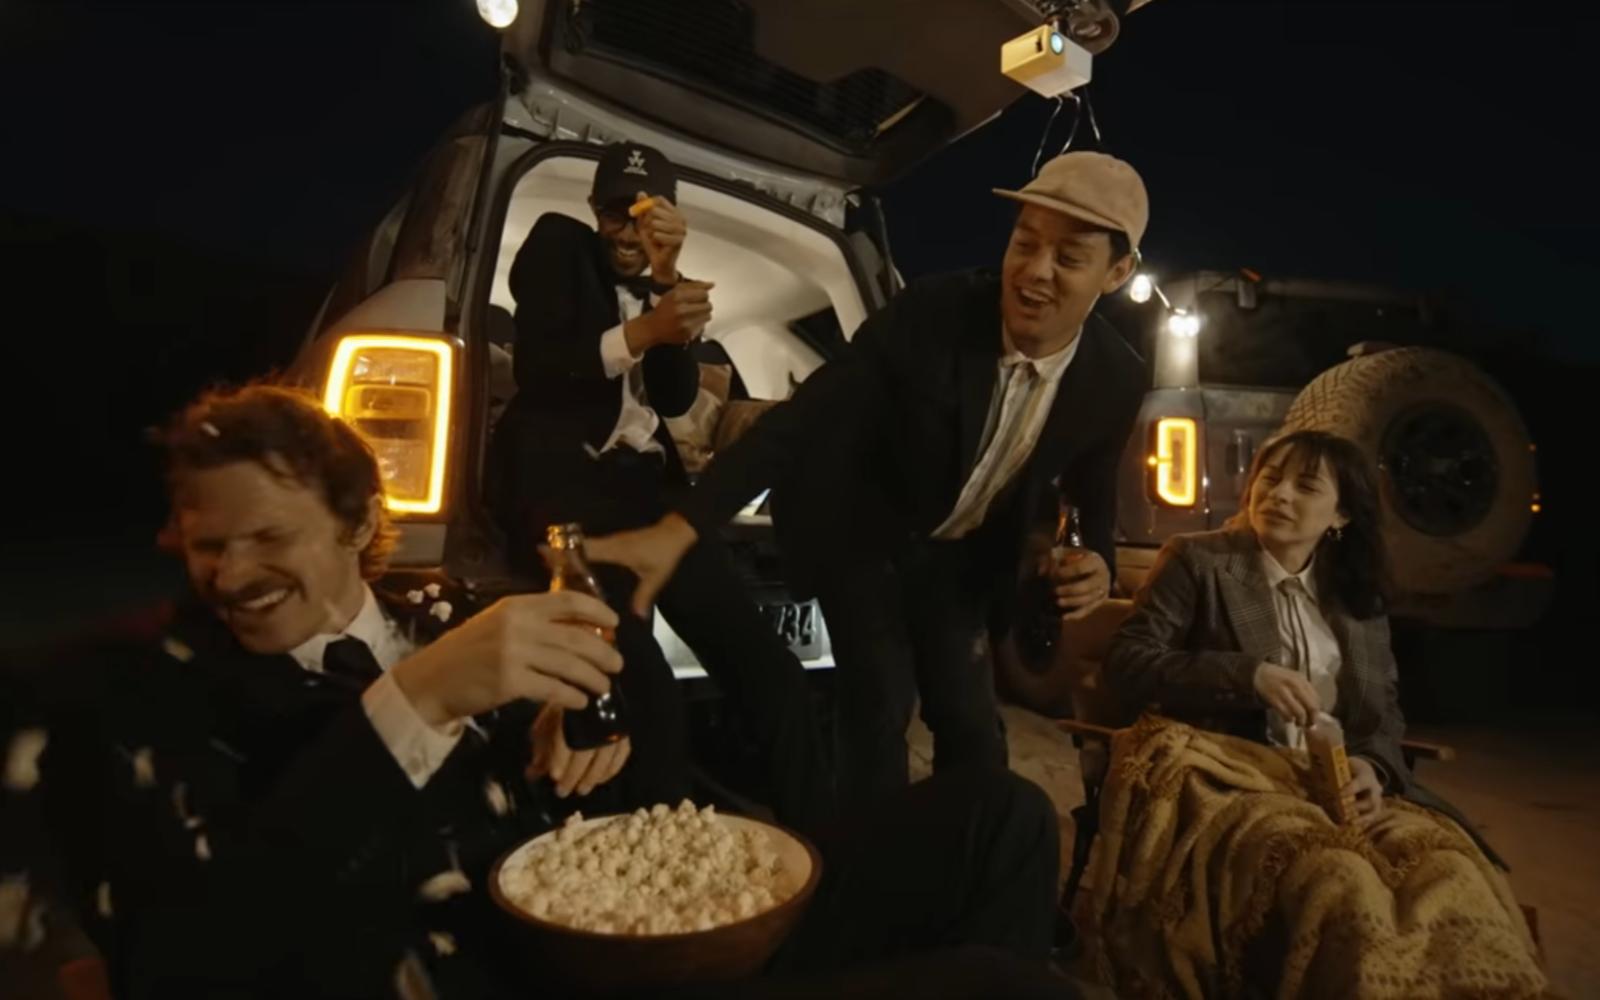 Moment Invitational Film Festival. Skärmdump från filmen The Moment International Film Festival Is Back (2021).